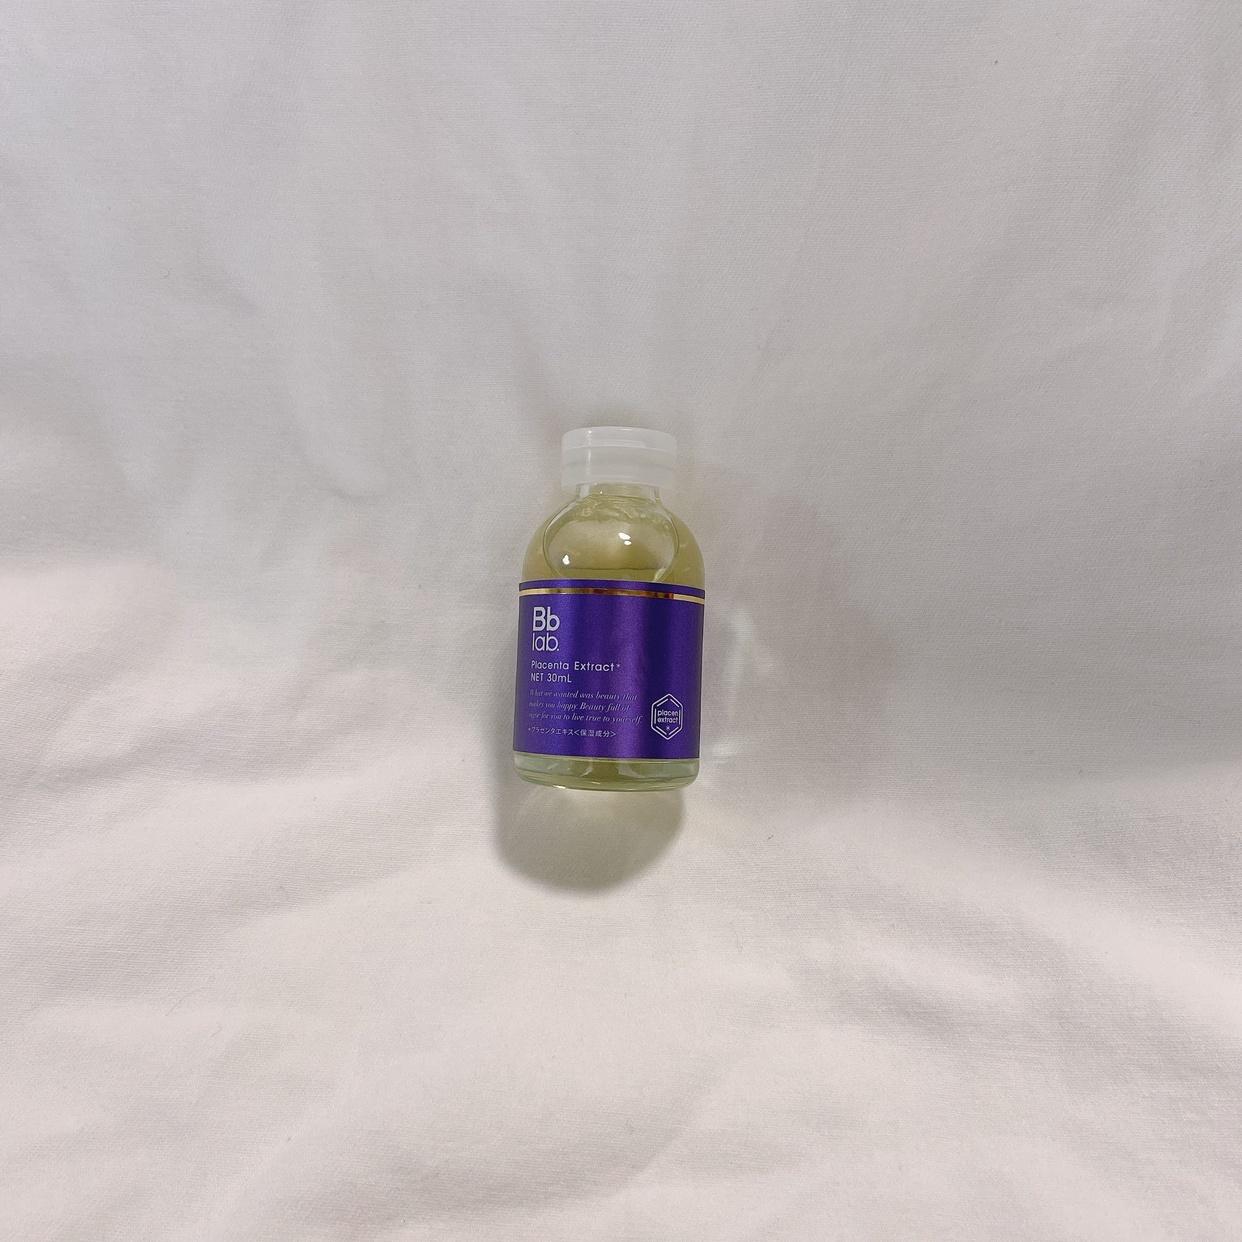 BB LABORATORIES(ビービーラボラトリーズ) 水溶性プラセンタエキス原液を使ったnanaさんのクチコミ画像1